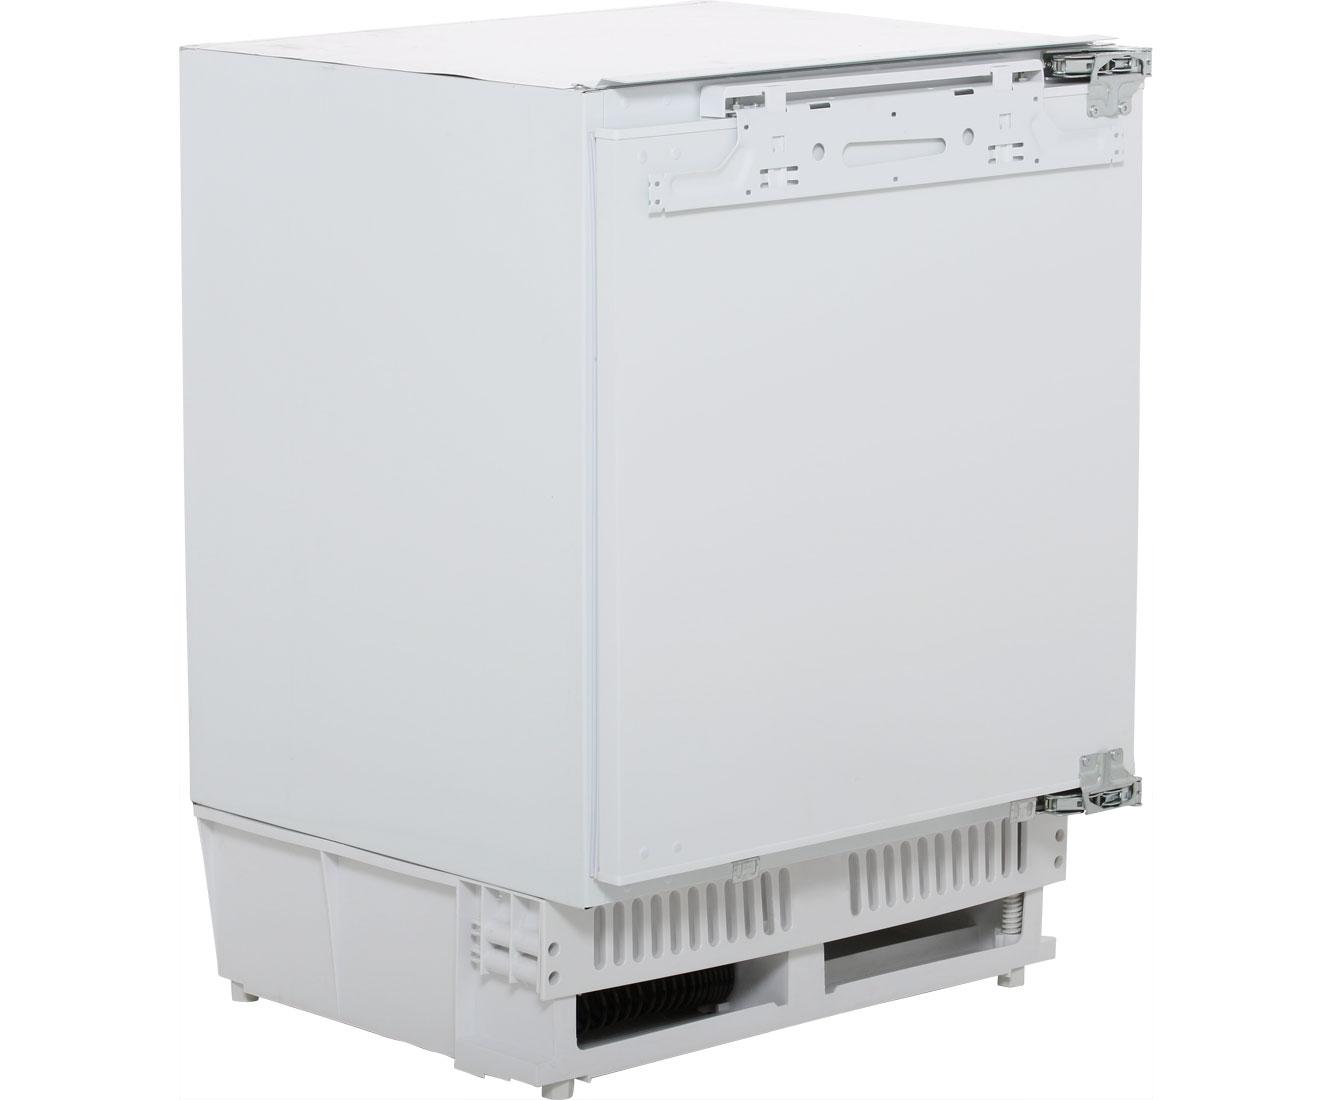 Amica Kühlschrank Mit Gefrierfach Retro : Kühlschrank ersatzteile amica amica kühlschrank retro